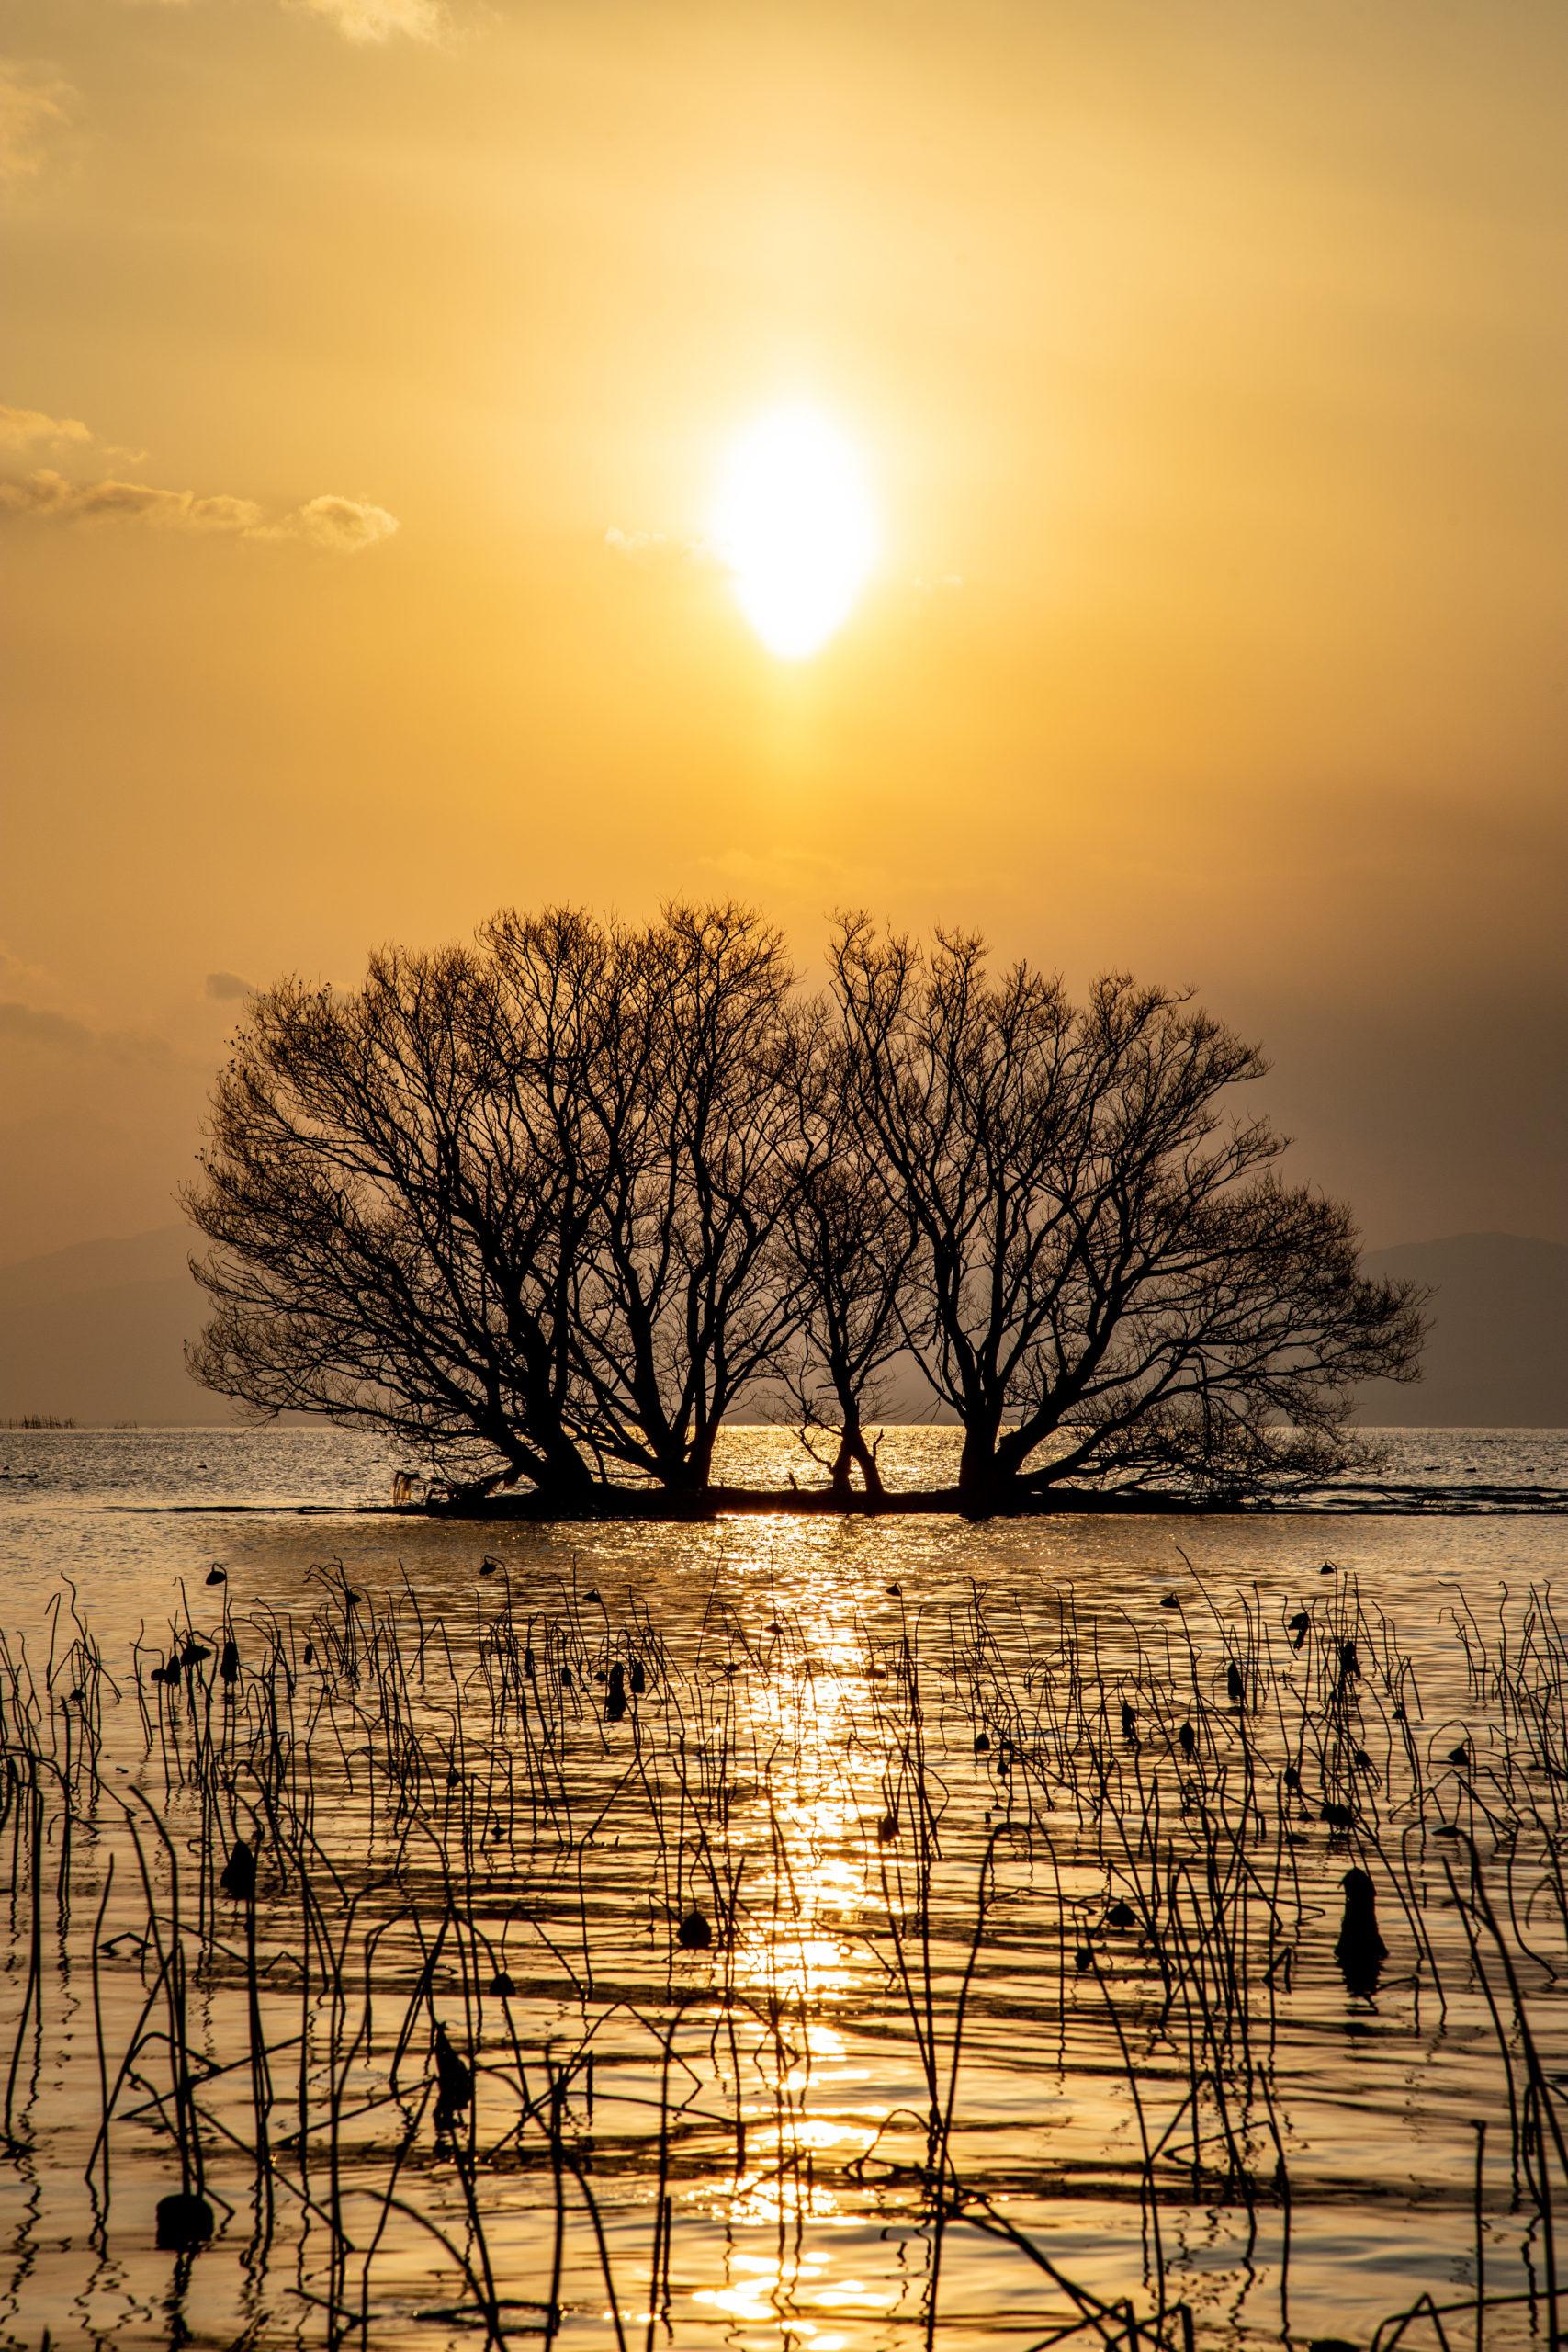 琵琶湖(滋賀県長浜市)  観光PR写真撮影の画像